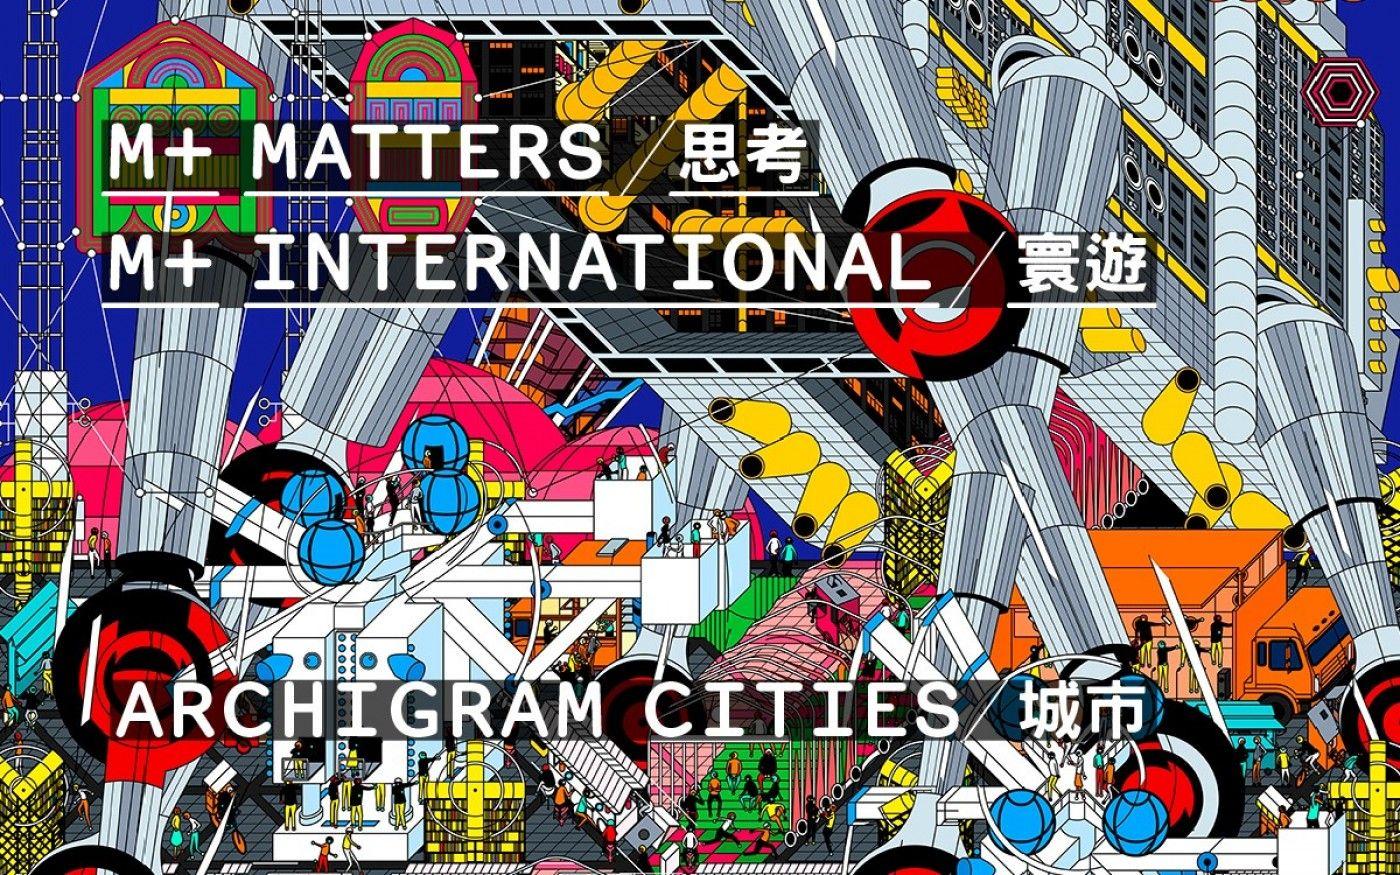 M+ Matters: Archigram Cities Online Symposium